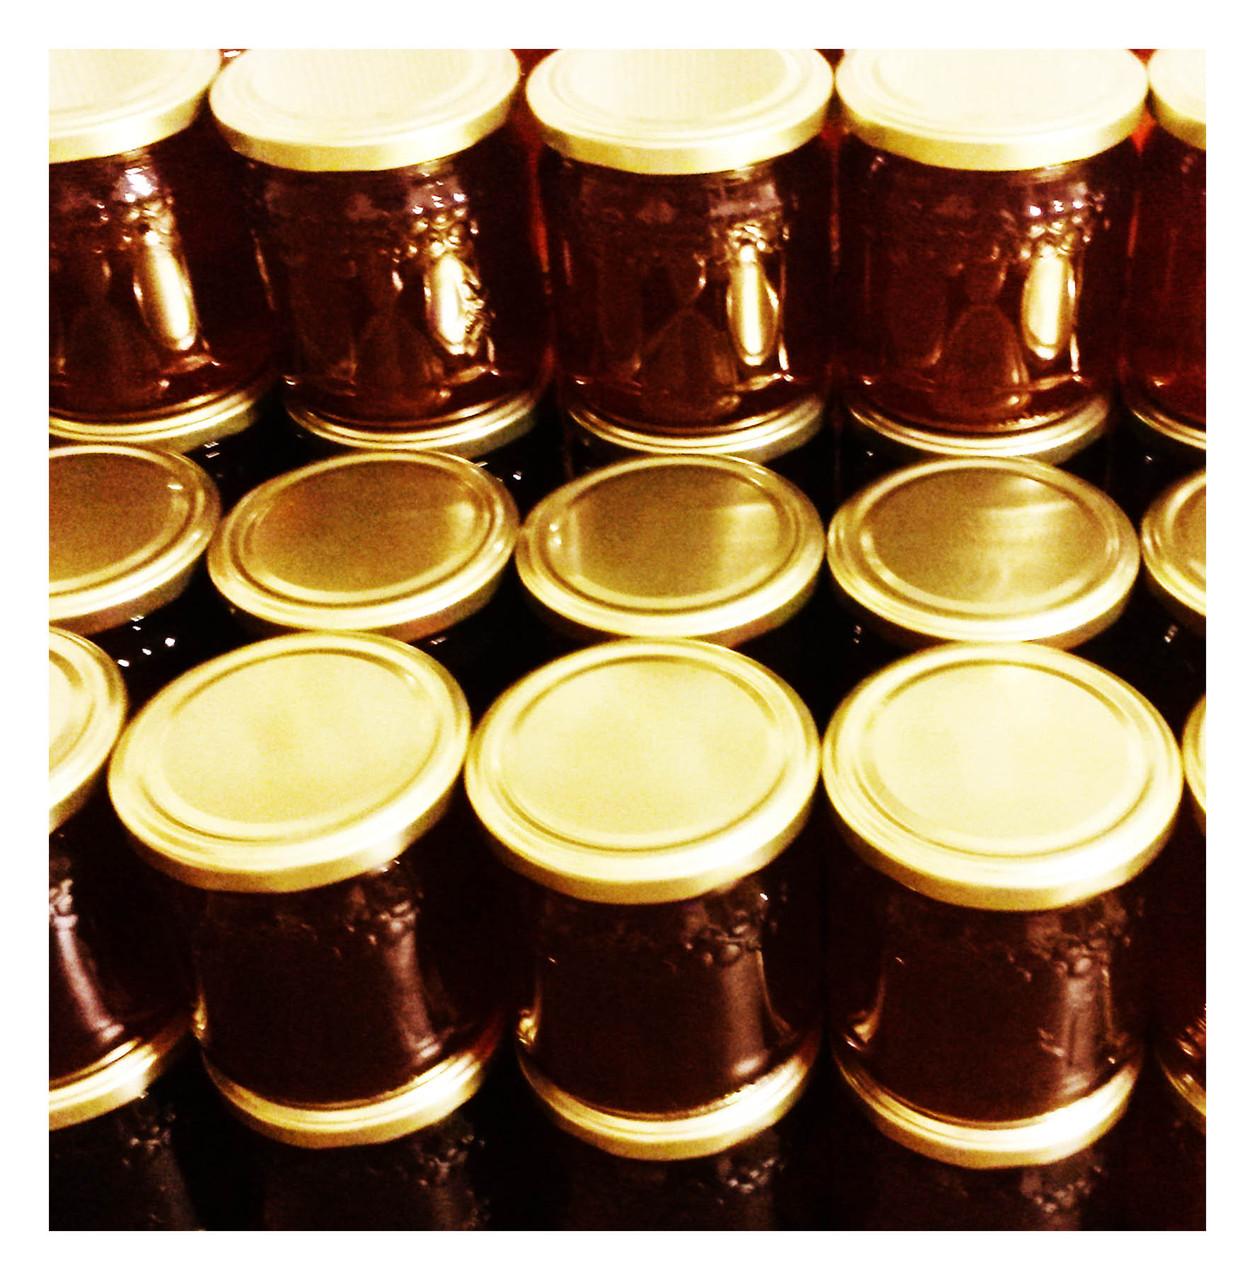 Nachdem der Honig gefiltert wurde wird er einige Tage zum Ruhen stehen gelassen. Nach dieser Ruhephase wird der Honigschaum abgeschöpft und in Gläser gefüllt. Nun steht er für unsere Honigliebhaber bereit zum Naschen.